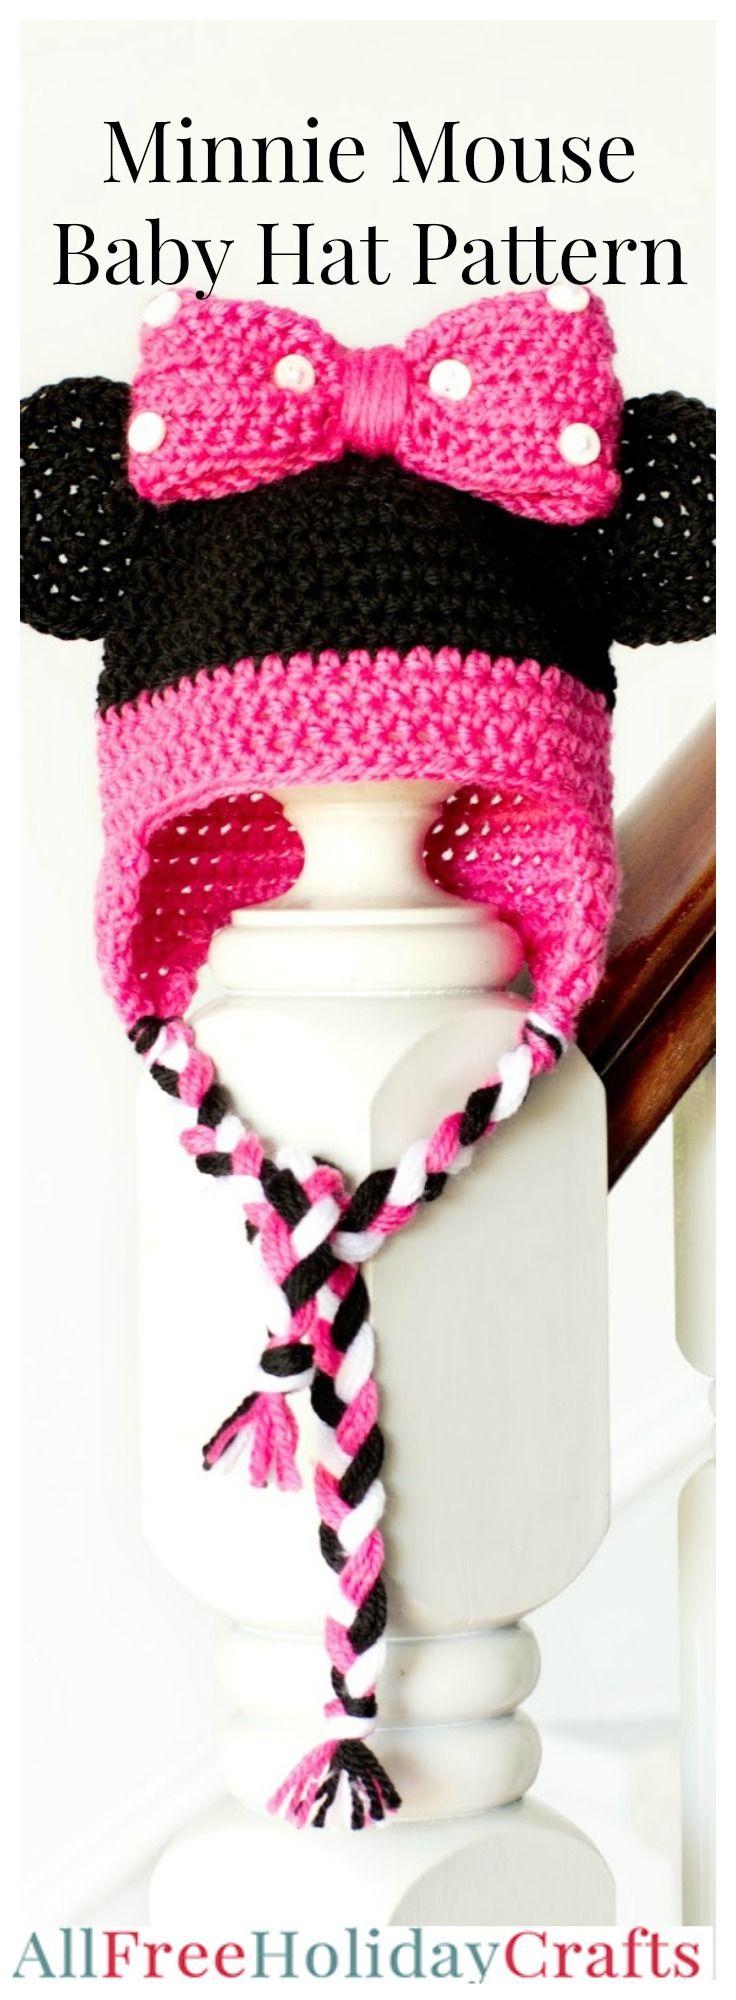 Minnie Mouse Crochet Hat Pattern | Mütze, Häkeln und Babywäsche